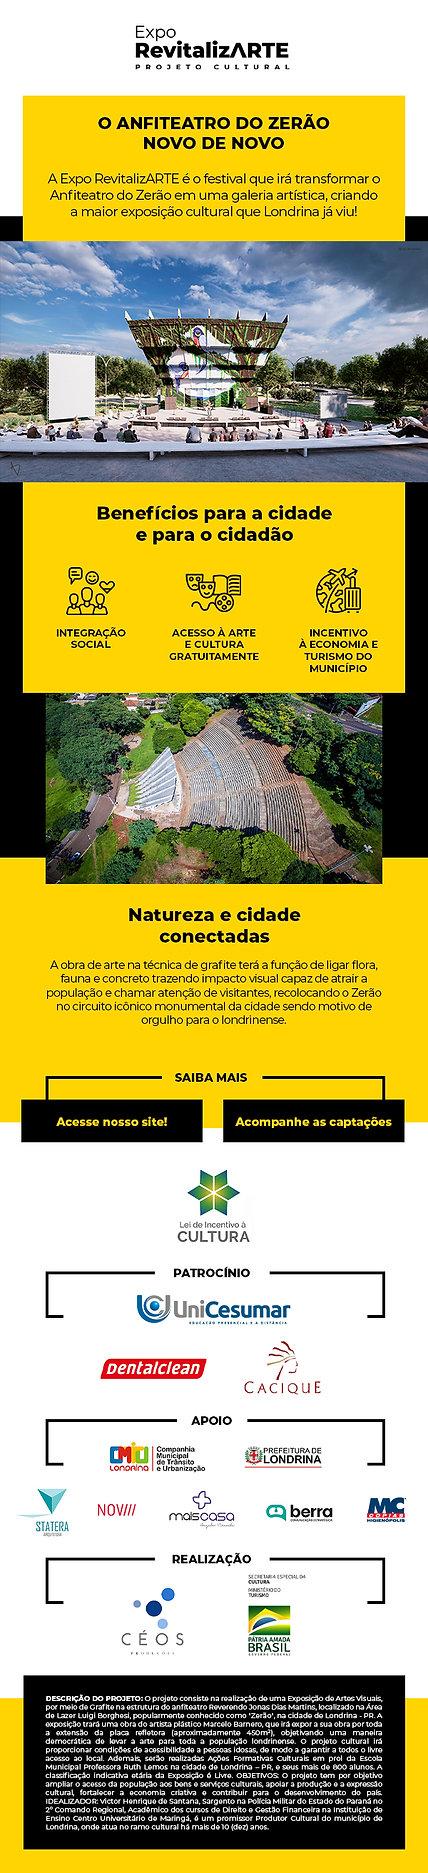 2021.02.10 - Revitalizarte - Natureza e